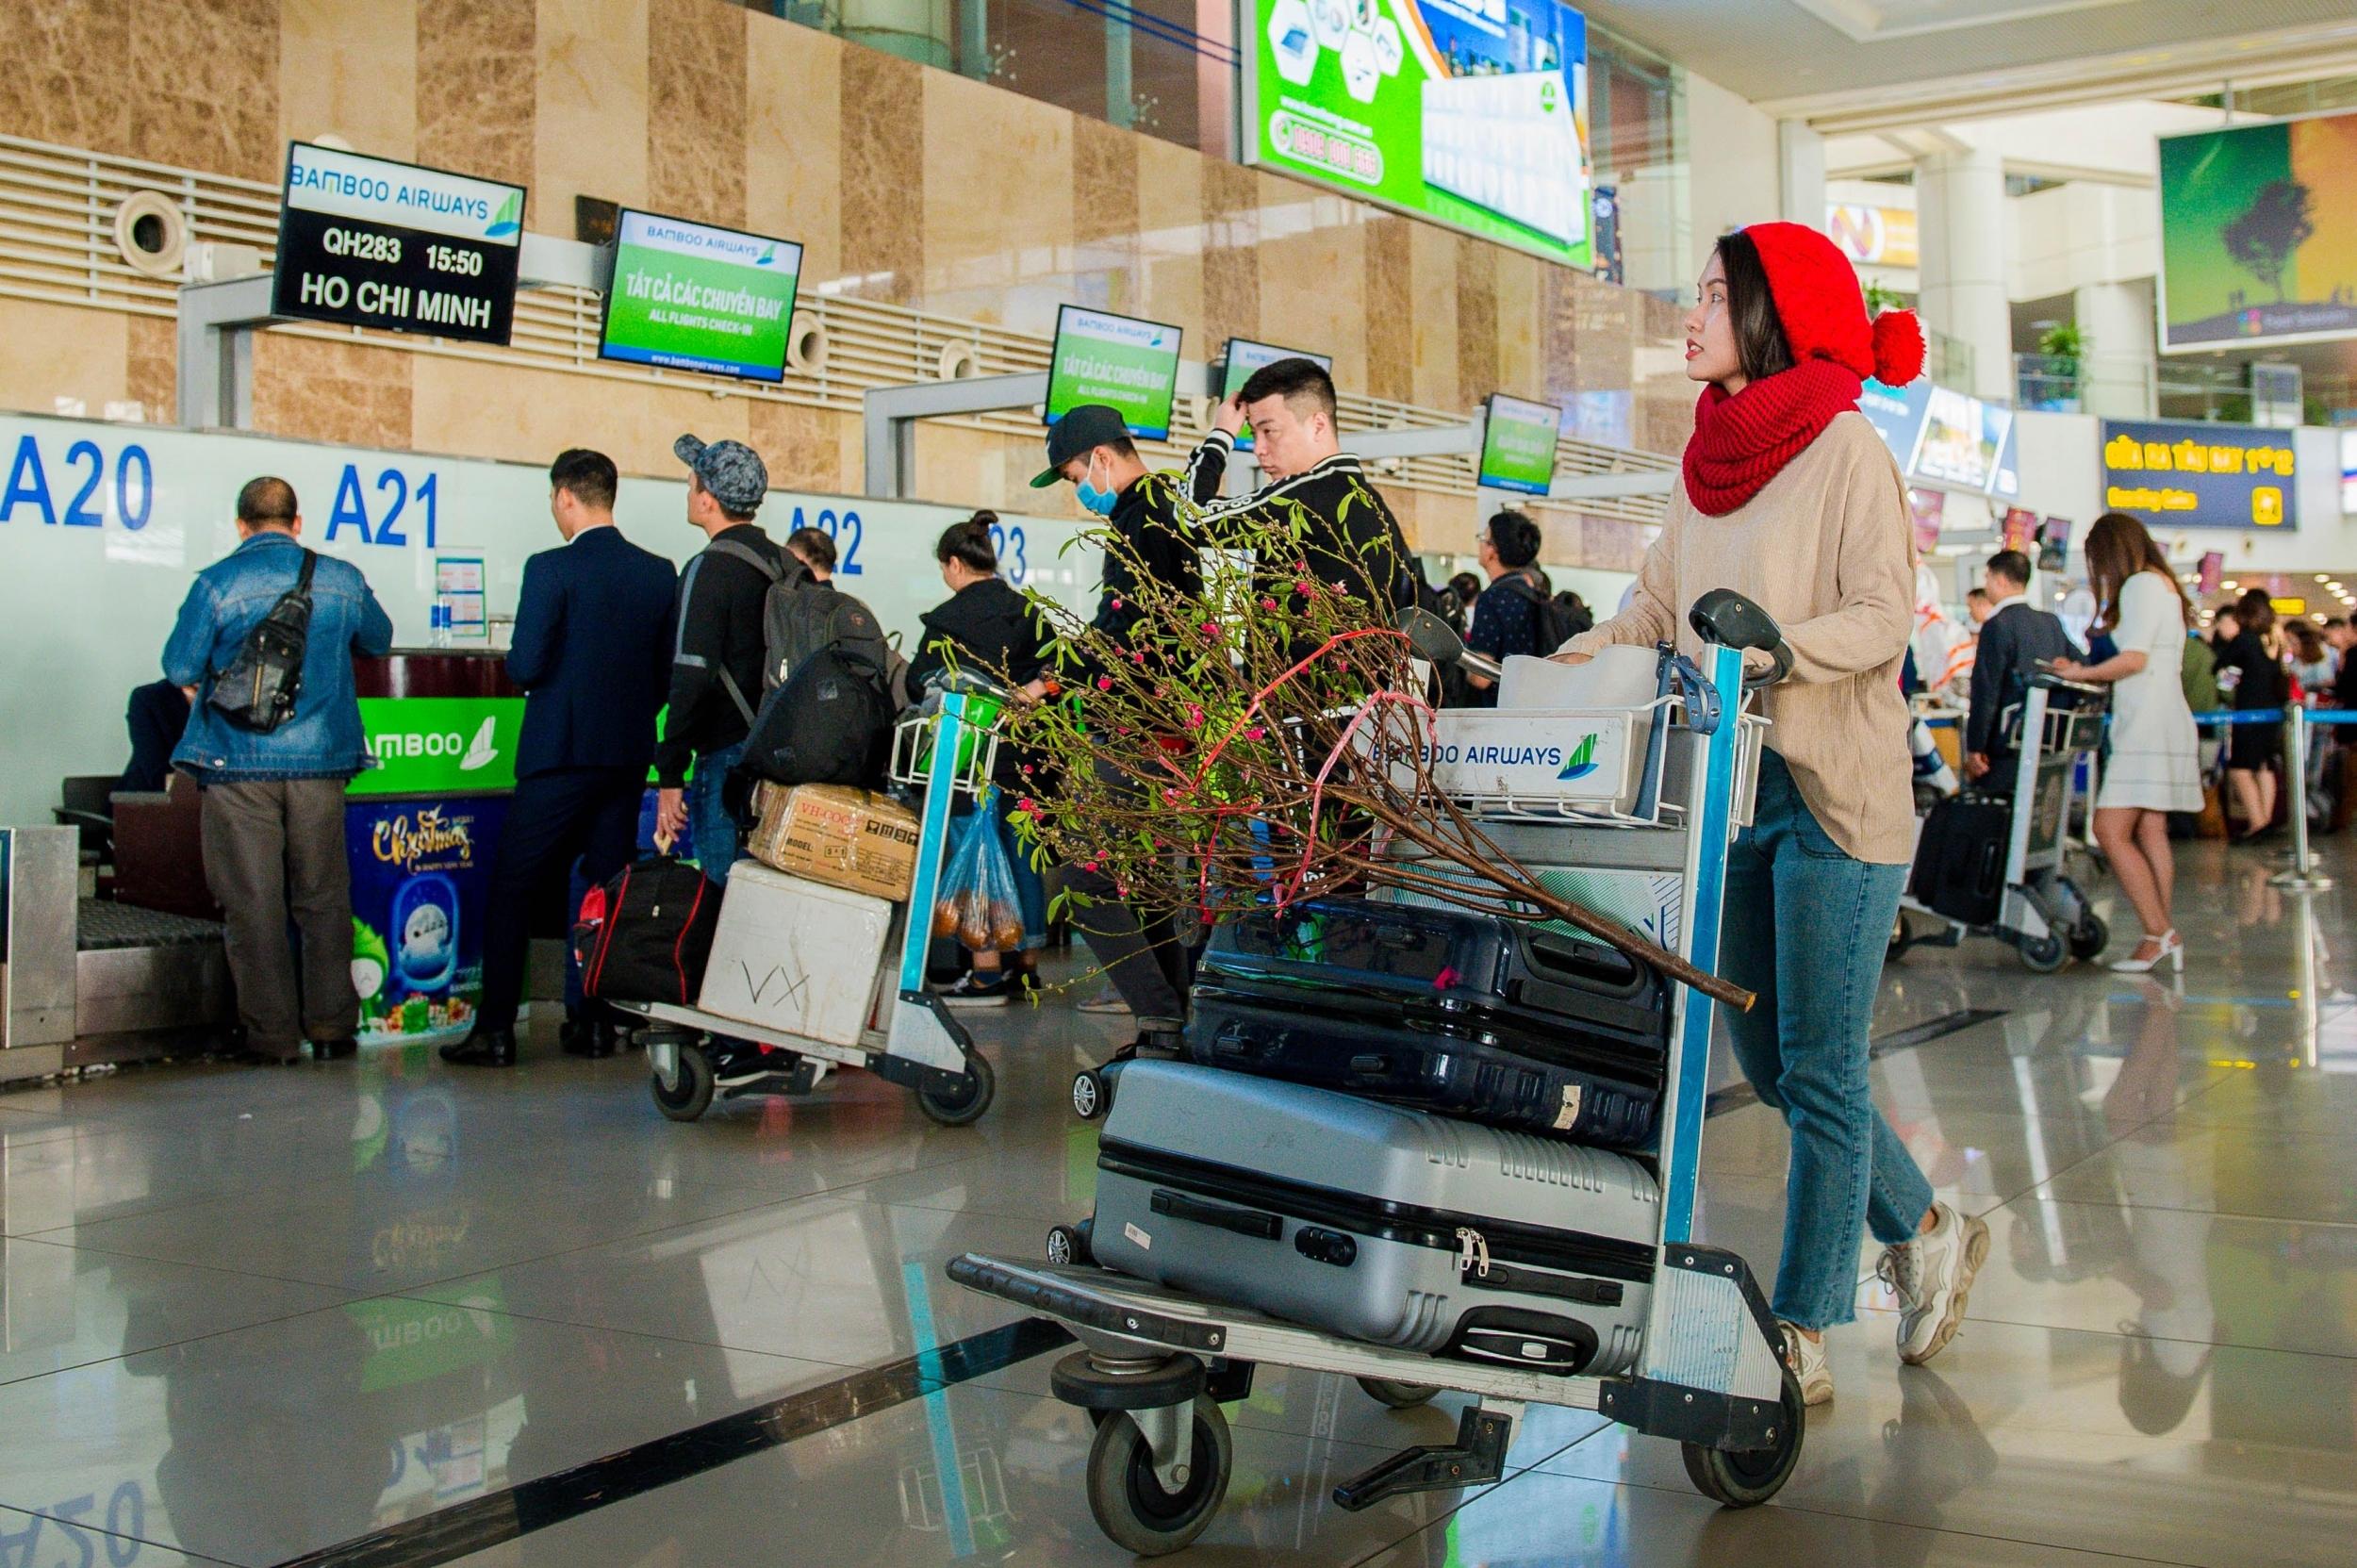 Bamboo Airways vận chuyển cành đào, mai dịp Tết Tân Sửu 2021